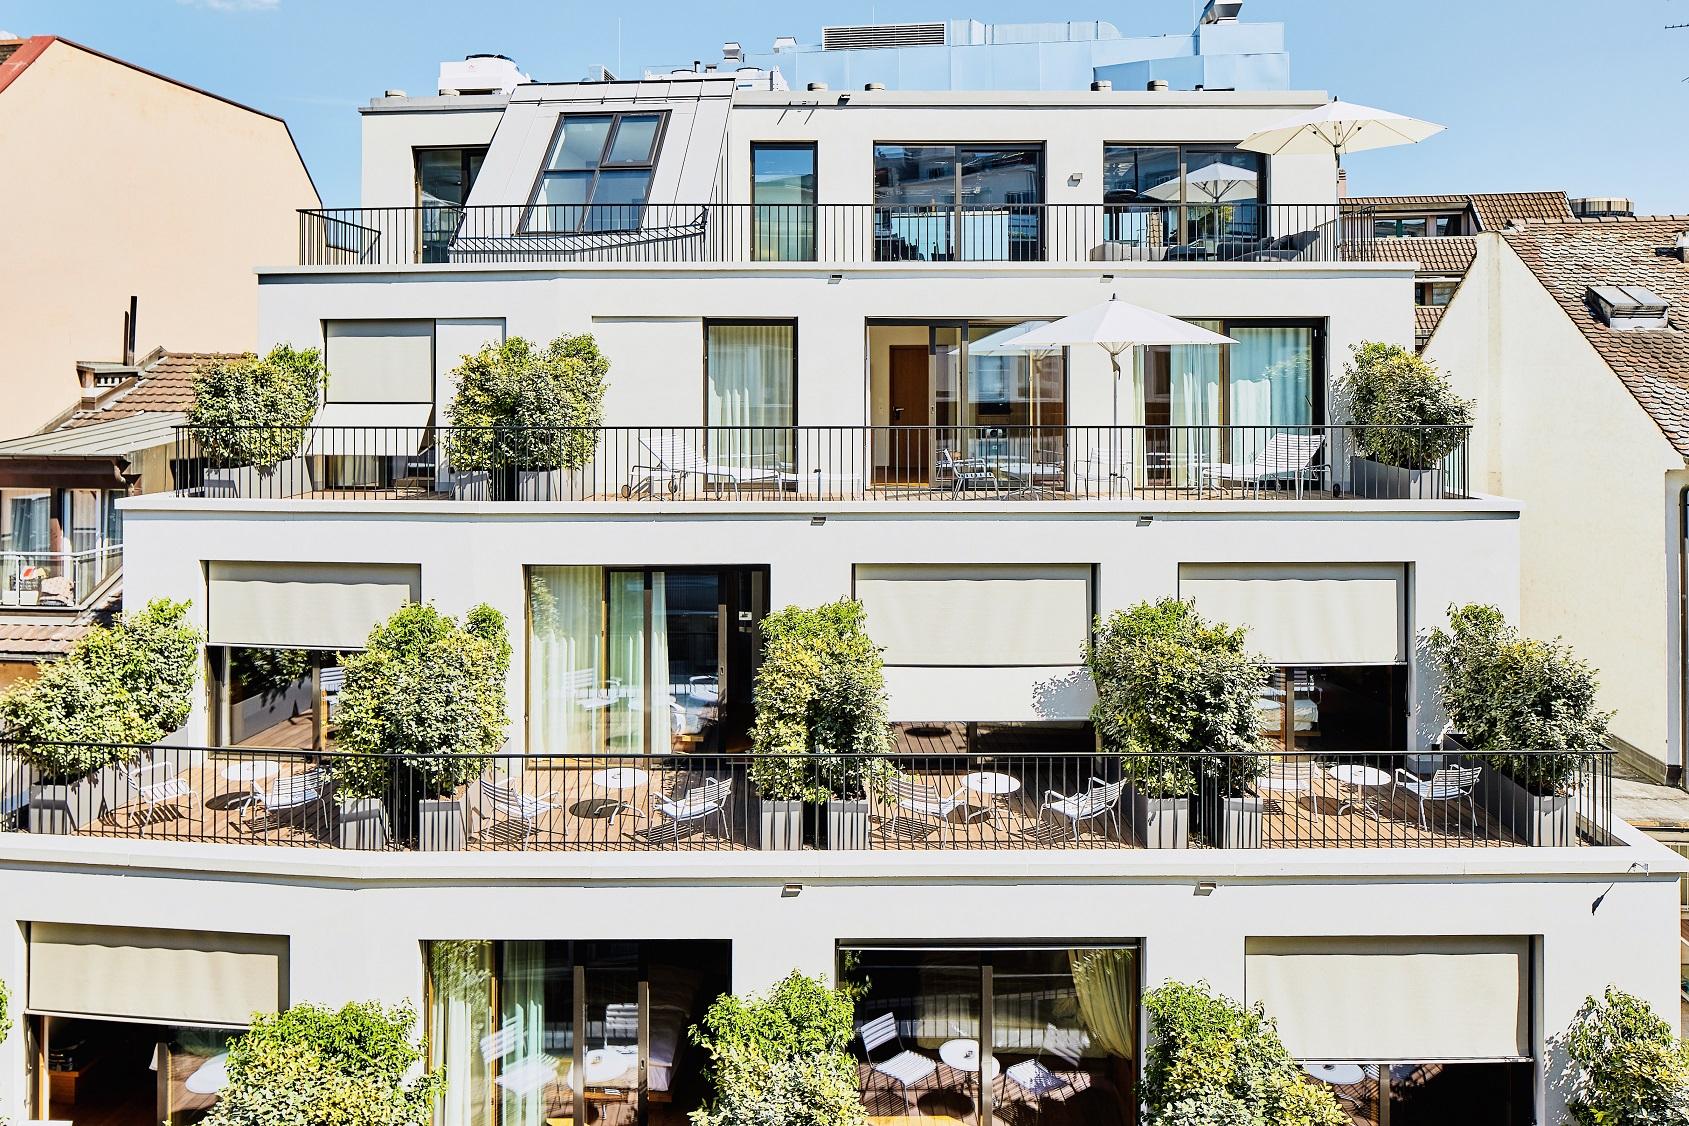 ART HOUSE Basel 0